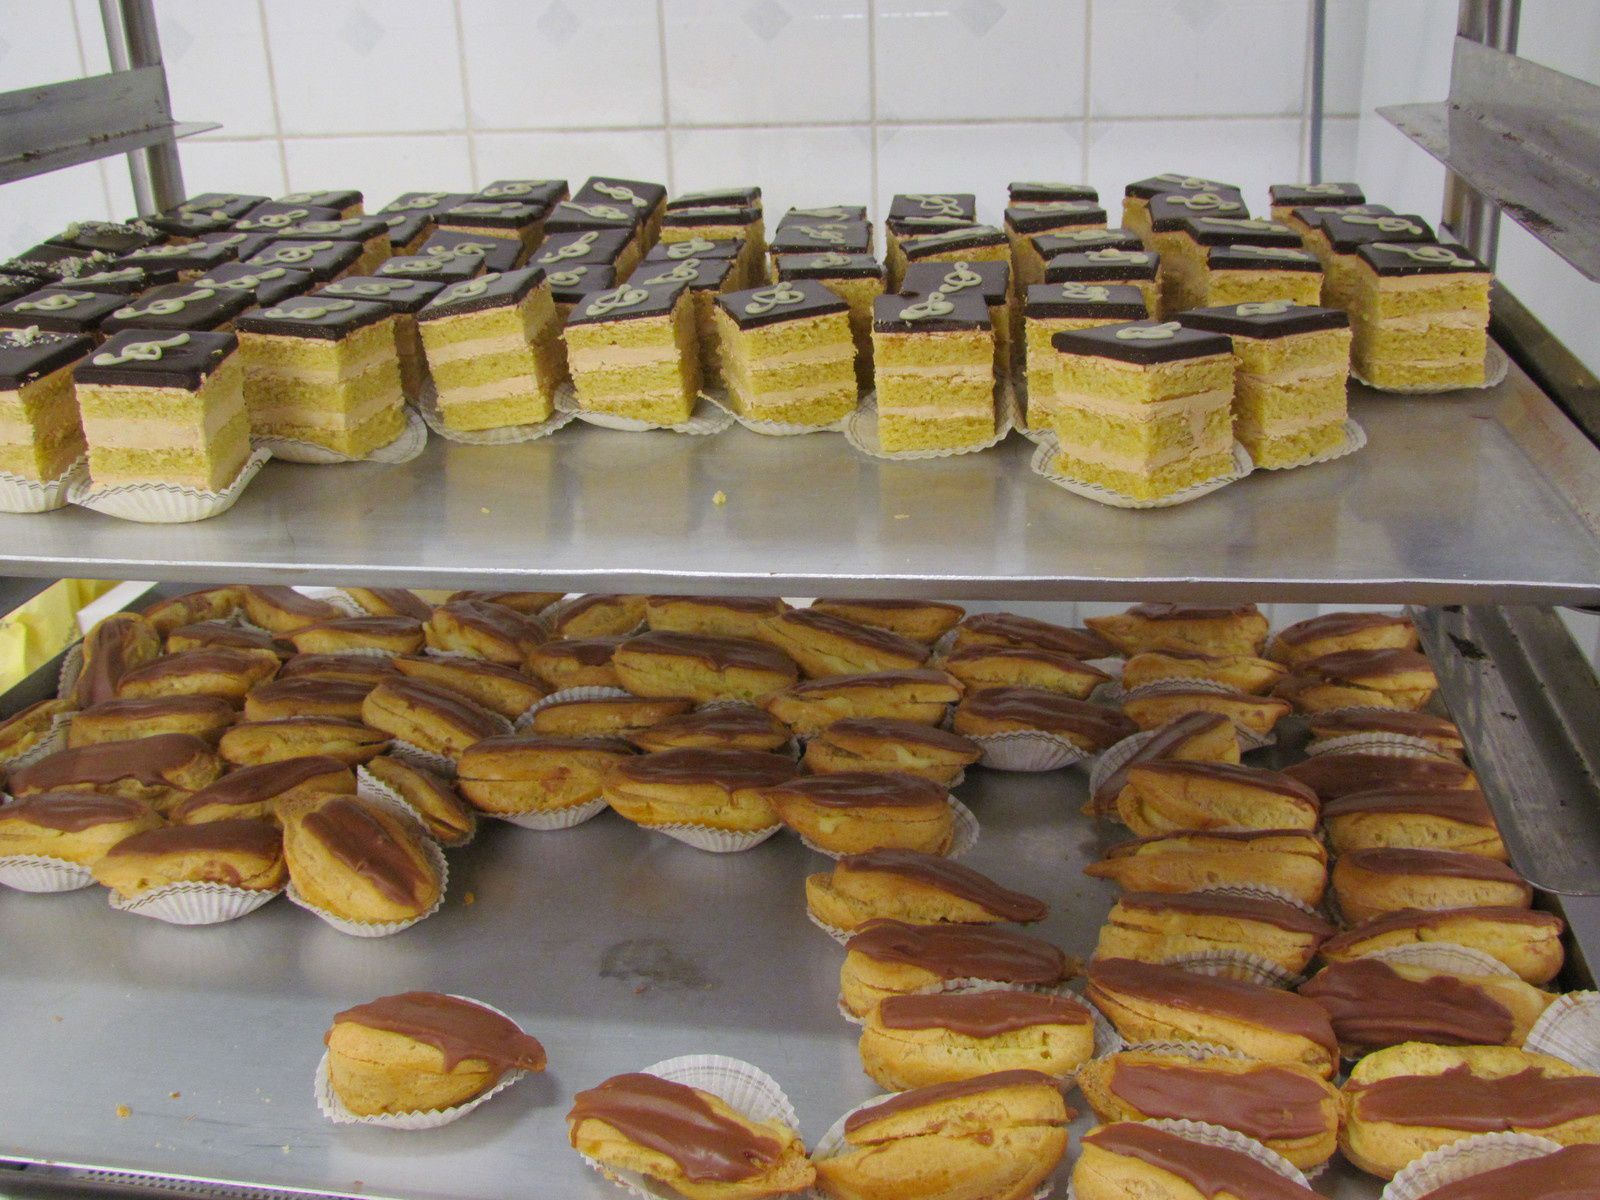 24 heures de boulangerie